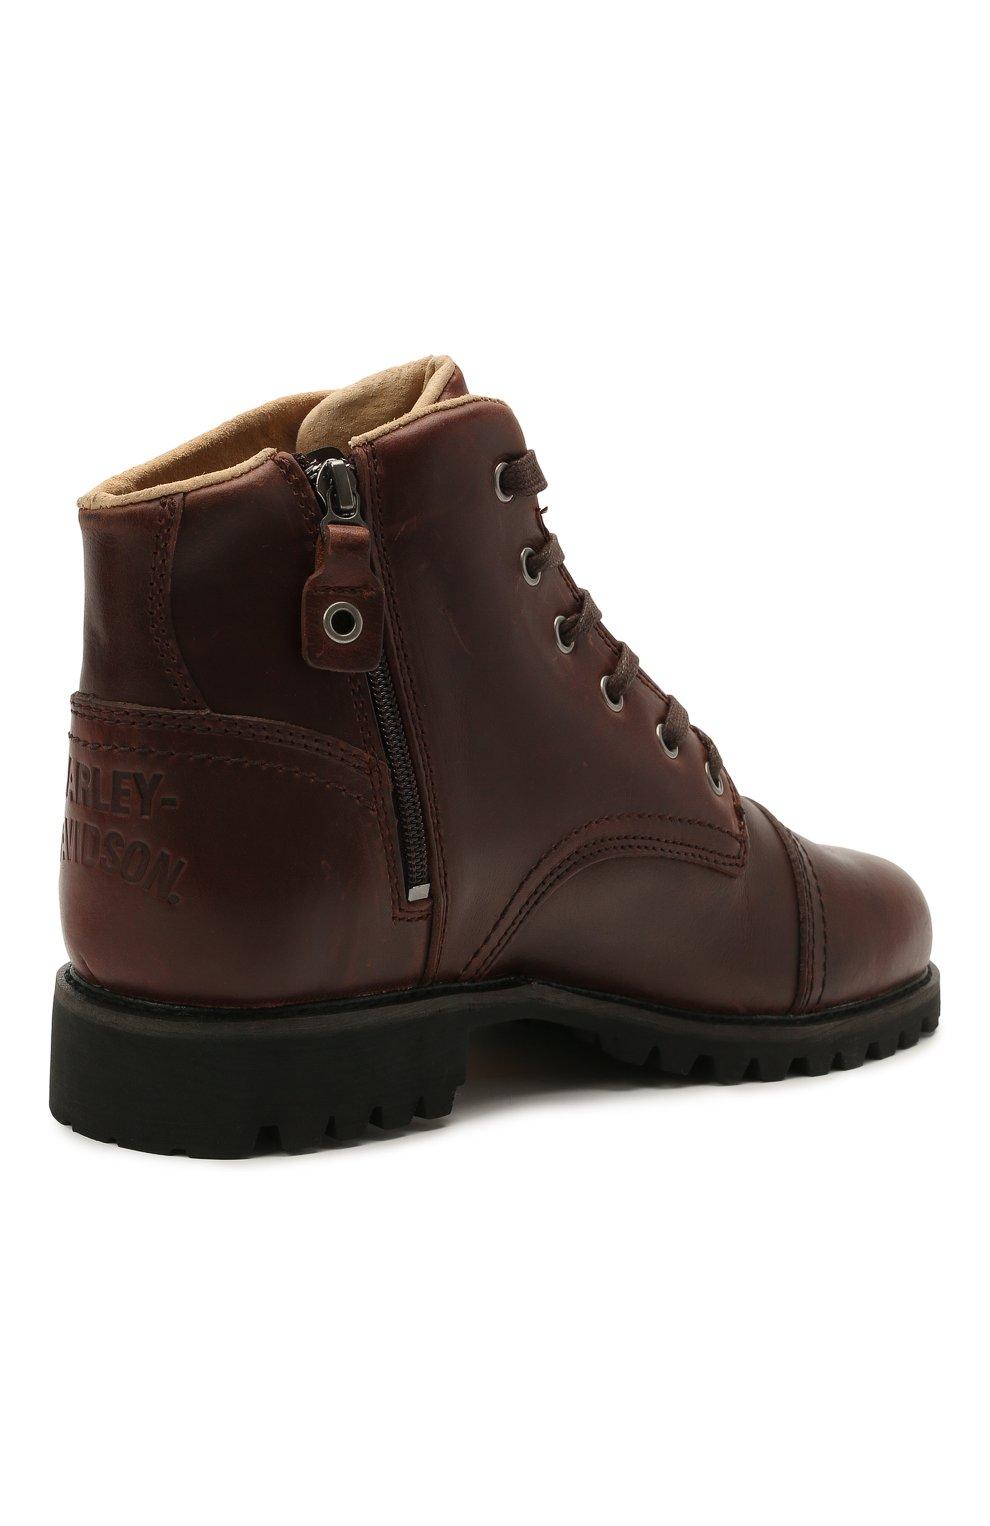 Мужские кожаные ботинки HARLEY-DAVIDSON коричневого цвета, арт. D93714 | Фото 4 (Мужское Кросс-КТ: Ботинки-обувь; Материал внутренний: Натуральная кожа; Подошва: Плоская)